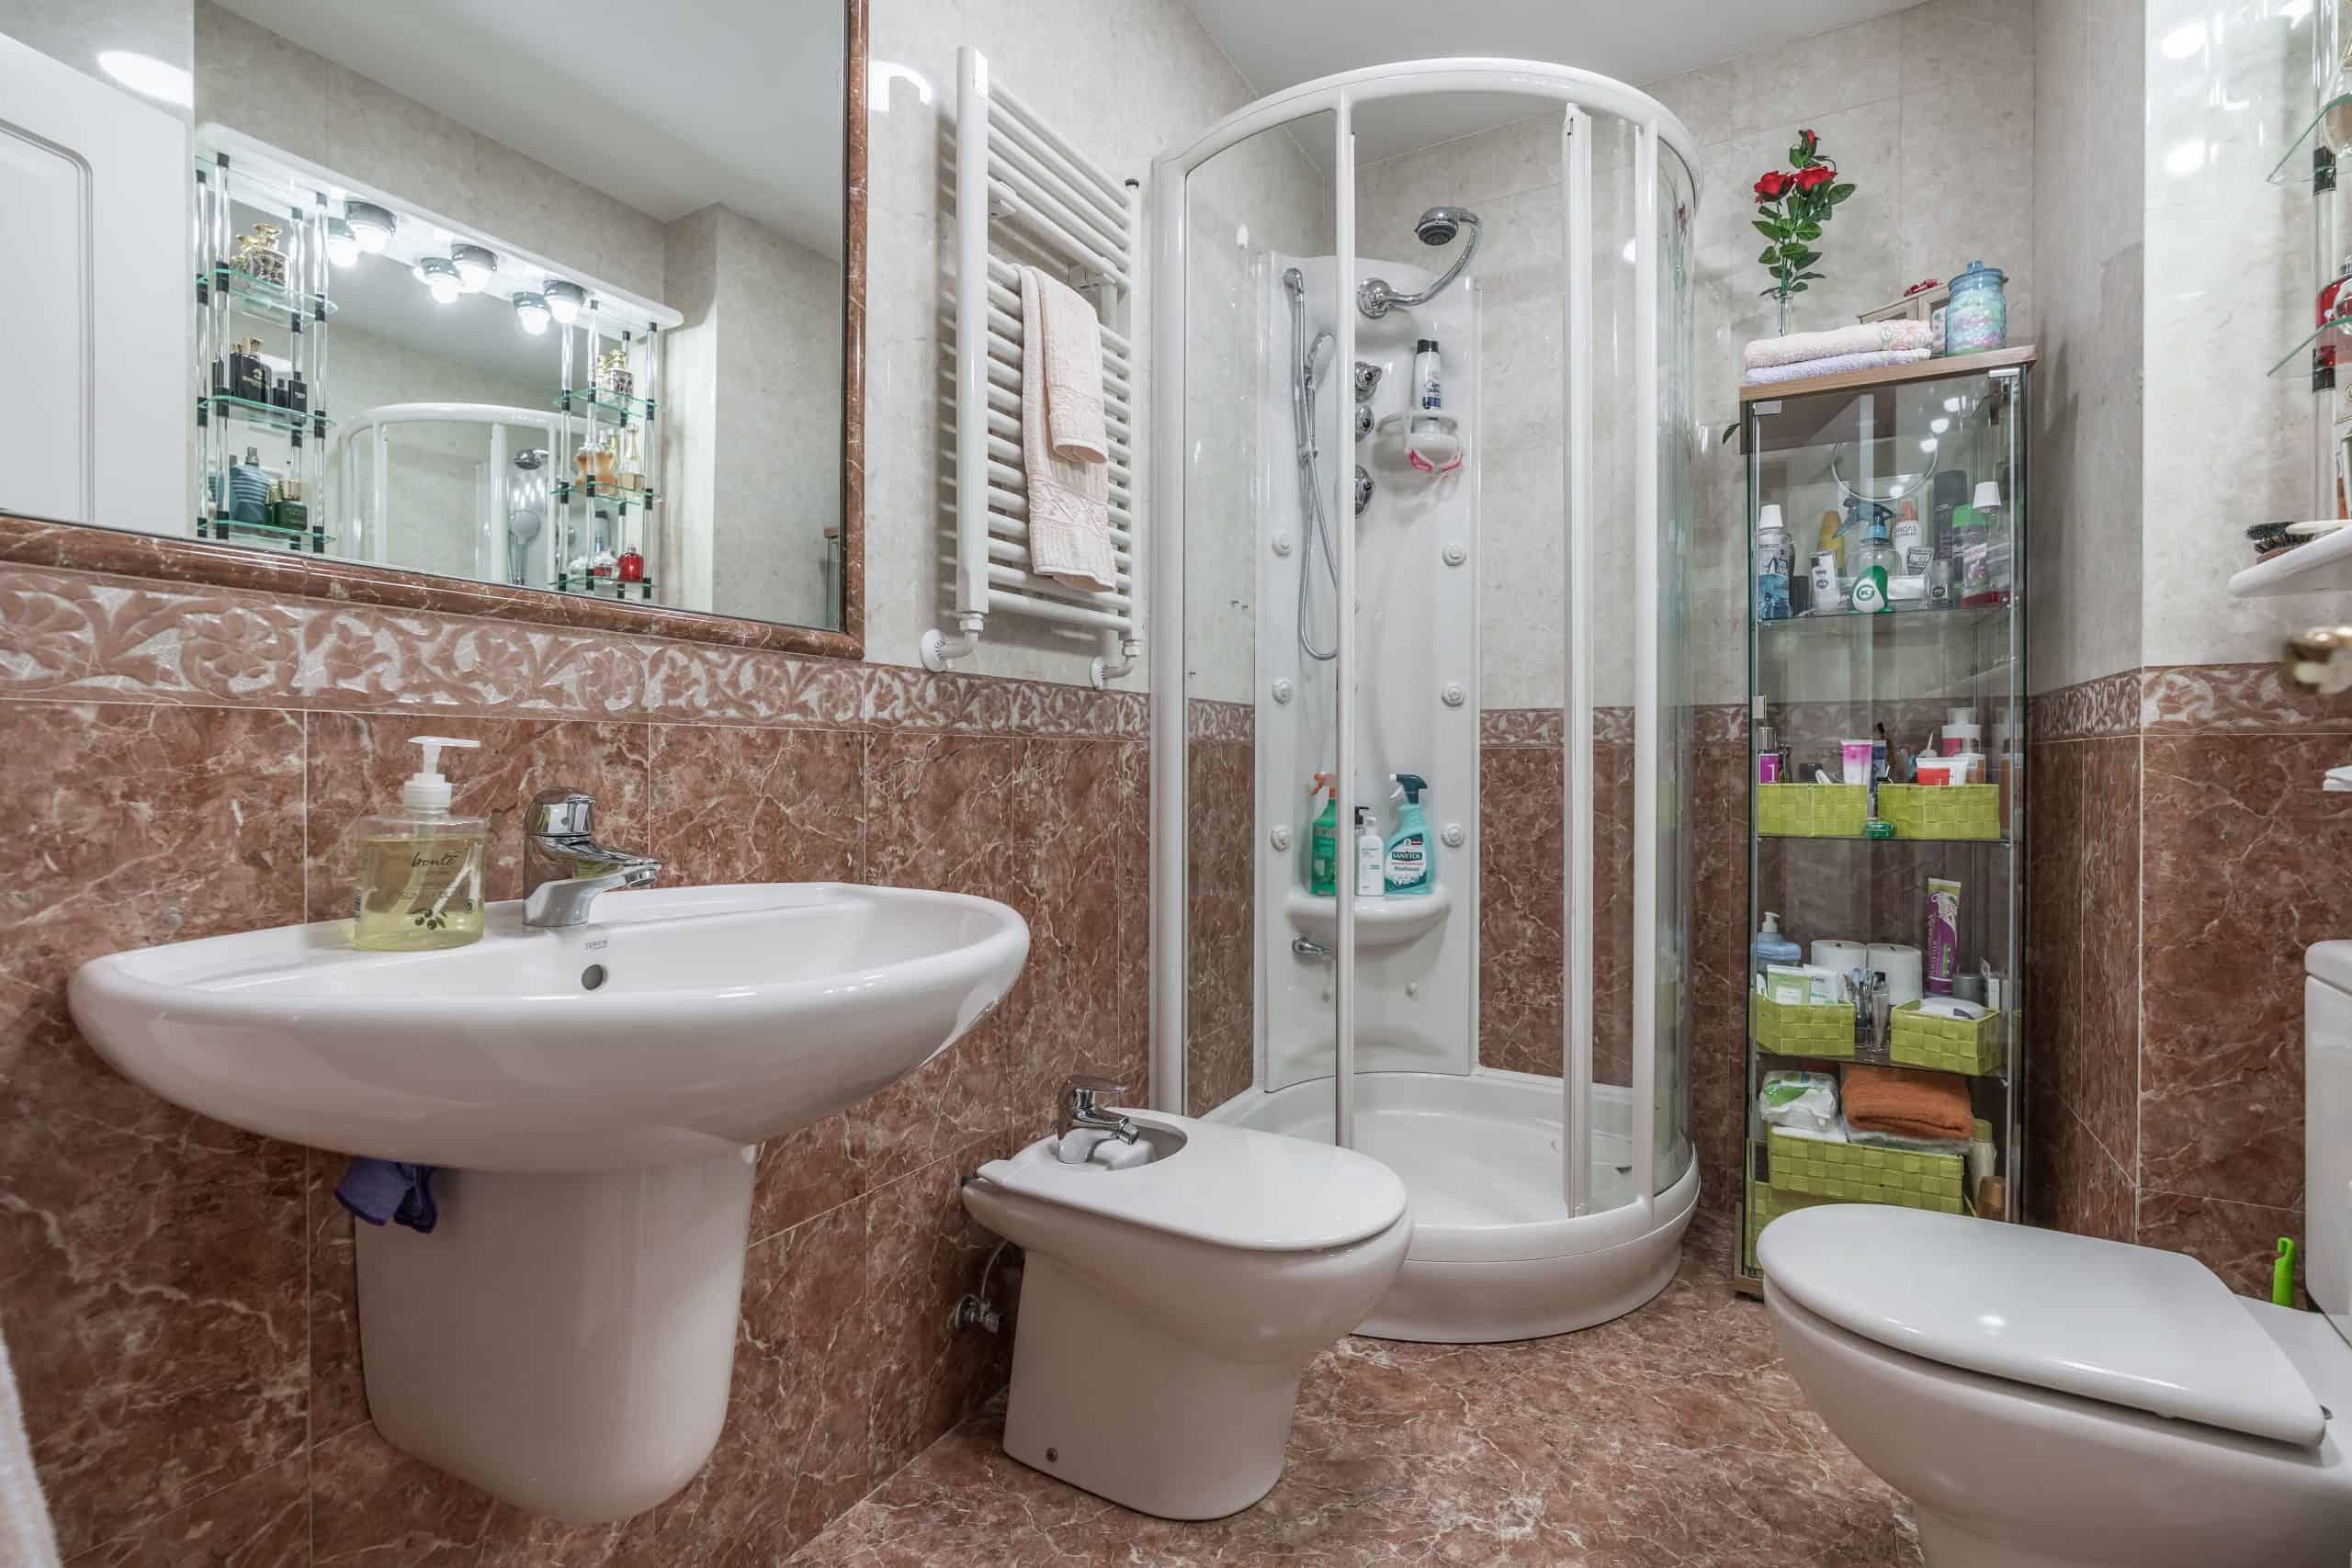 Agencia Inmobiliaria de Madrid-FUTUROCASA-Zona ARGANZUELA-EMBAJADORES-LEGAZPI -calle Santa María de la Cabeza3 BAÑO (1)